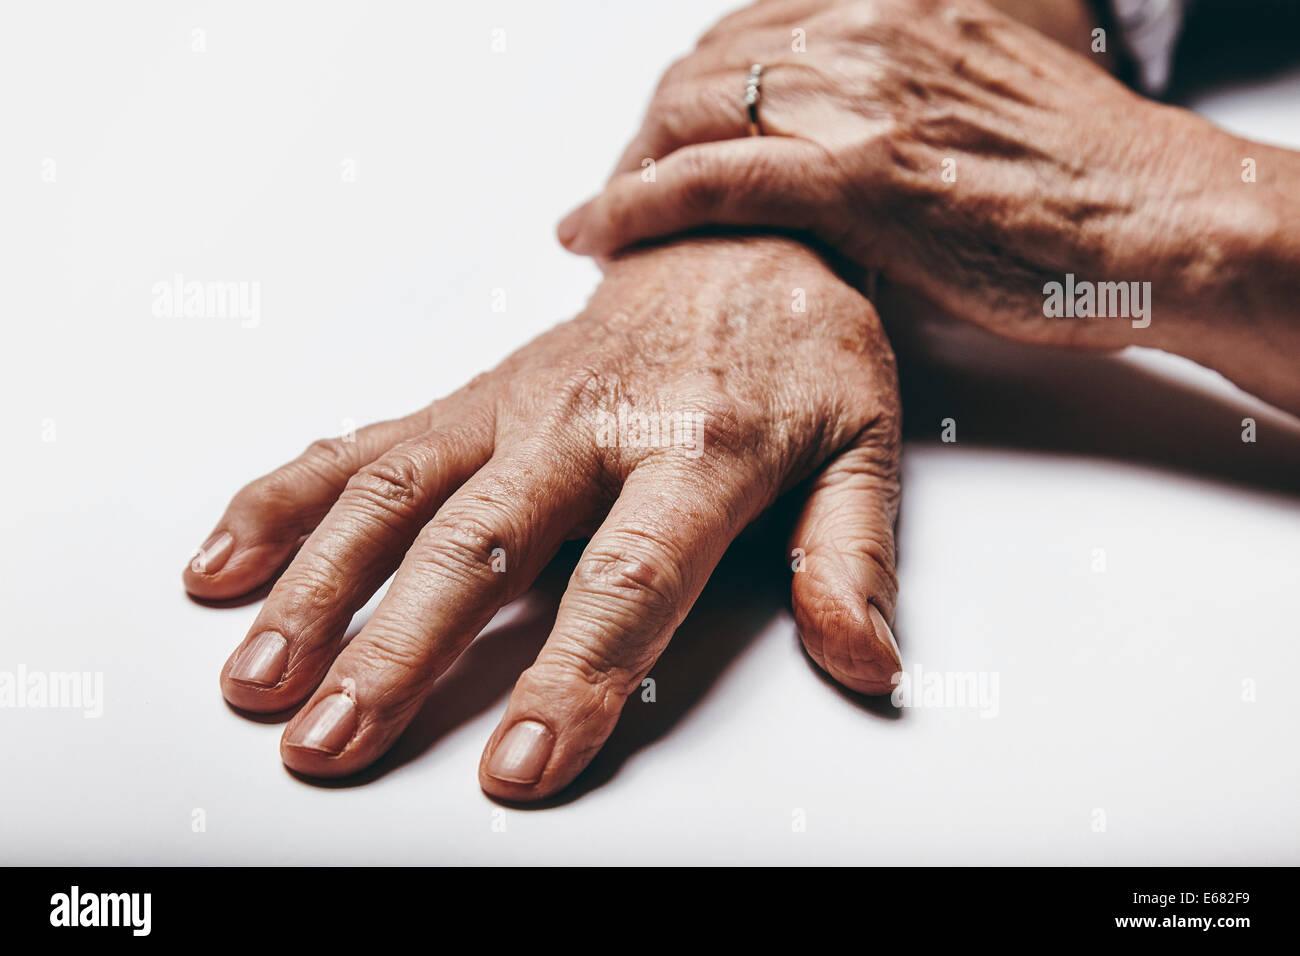 Macro di vecchia donna le mani su una superficie di colore grigio. Concentrarsi sulle dita di senior femminili. Immagini Stock